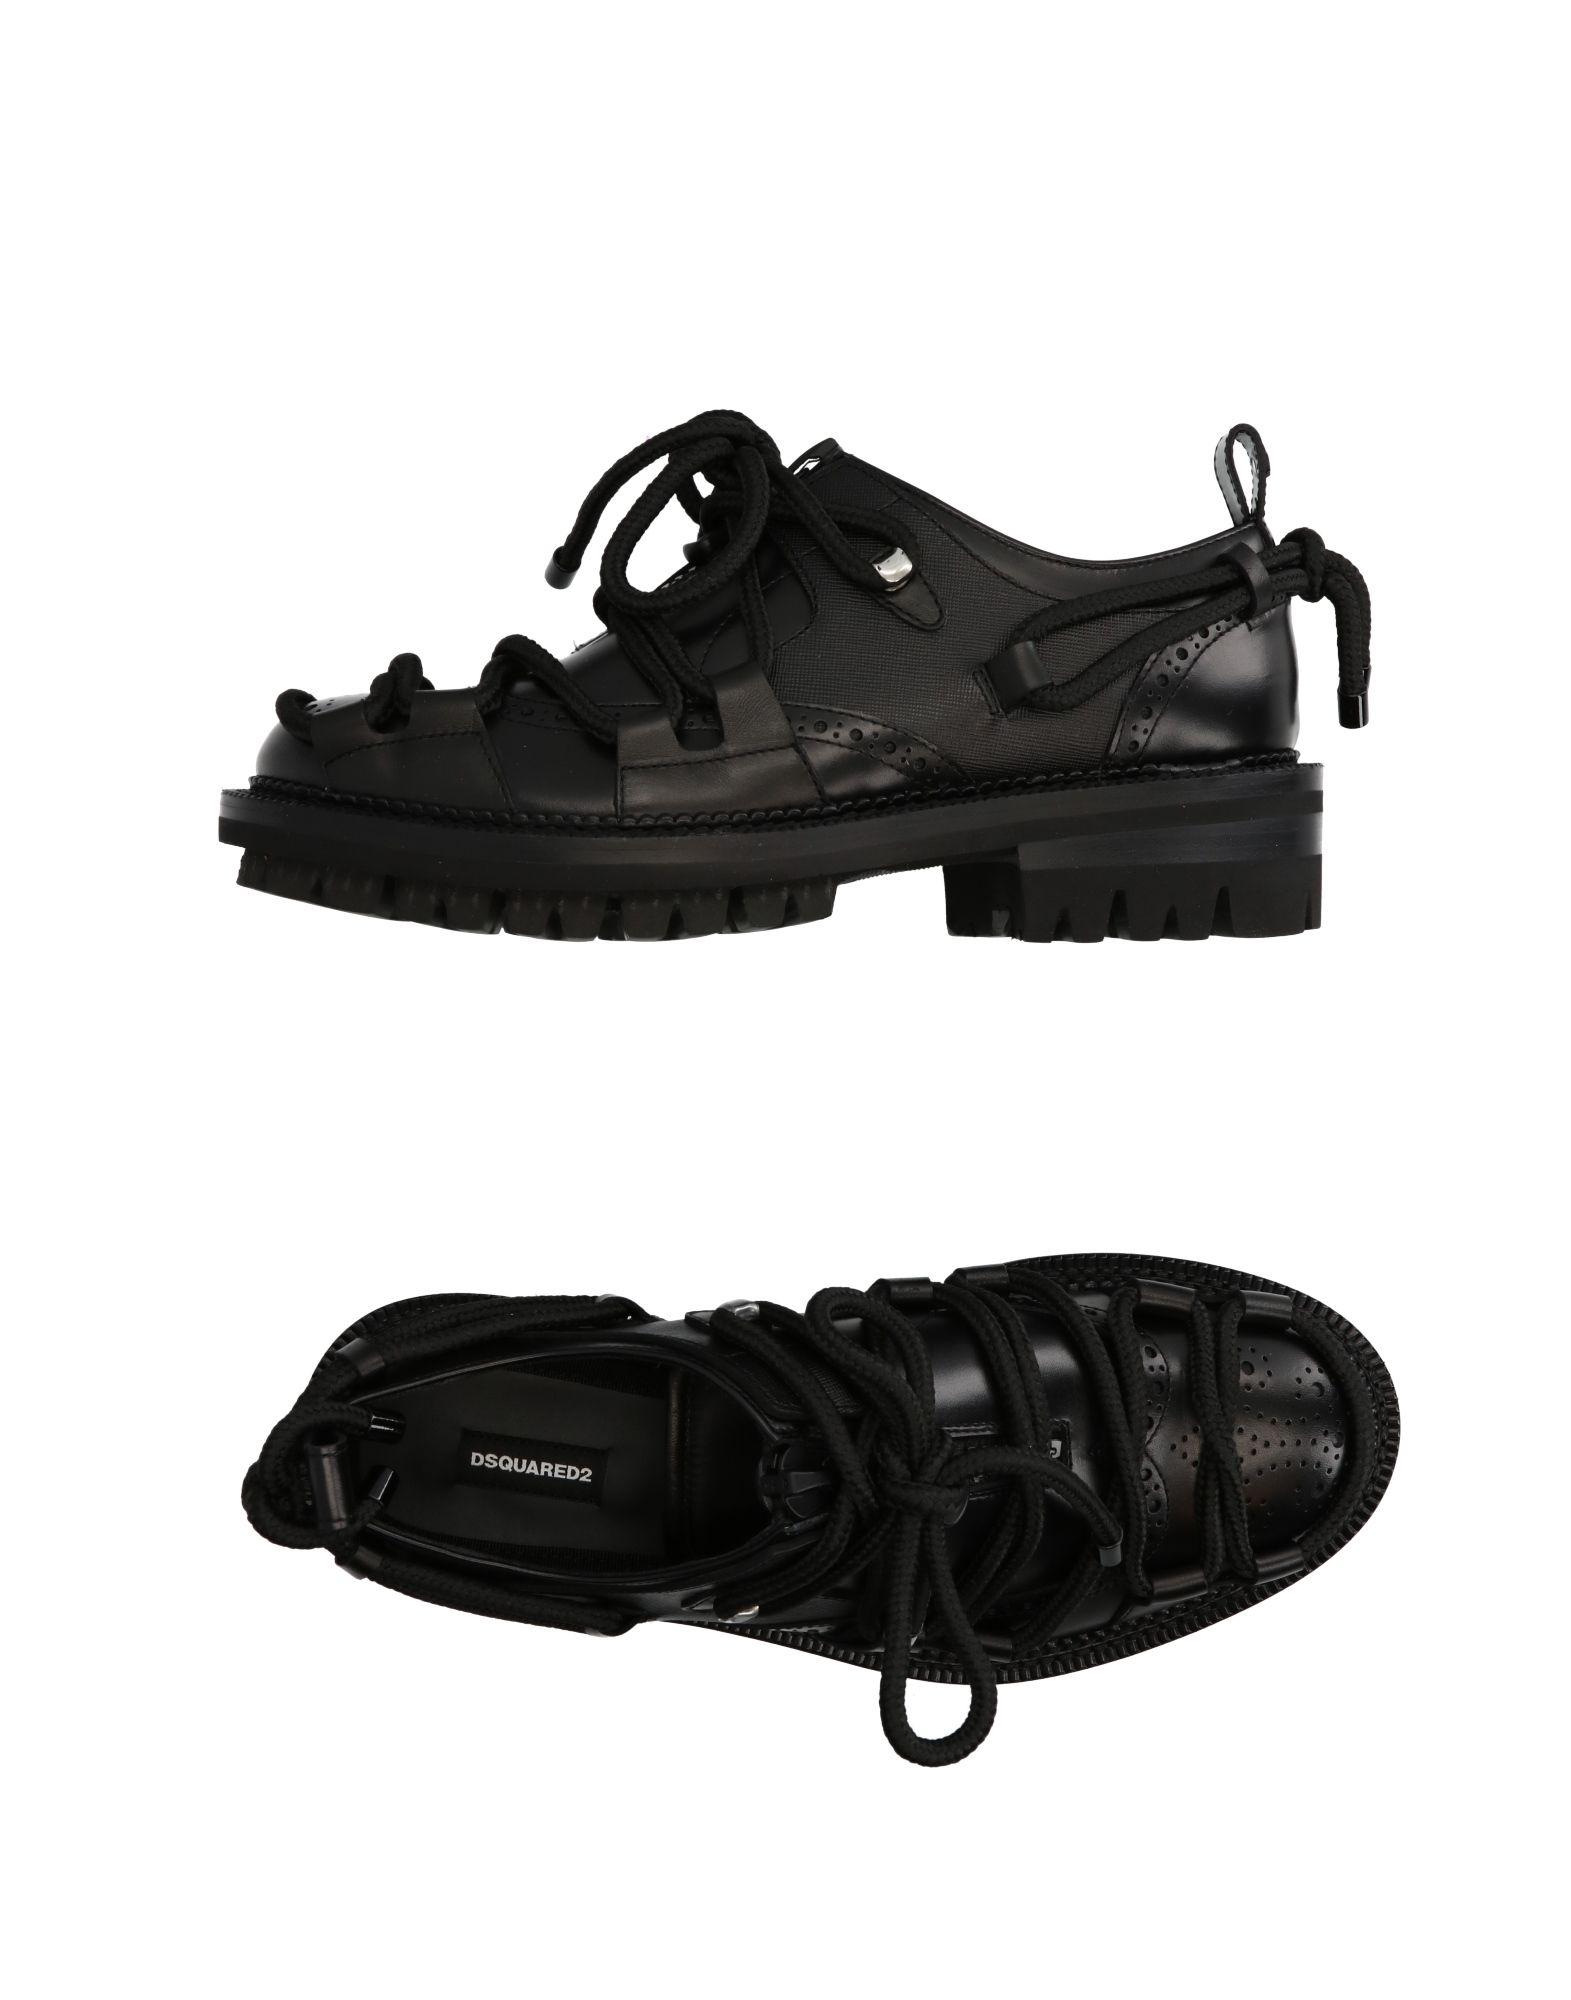 Dsquared2 Schnürschuhe Herren  11298655HW Gute Qualität beliebte Schuhe